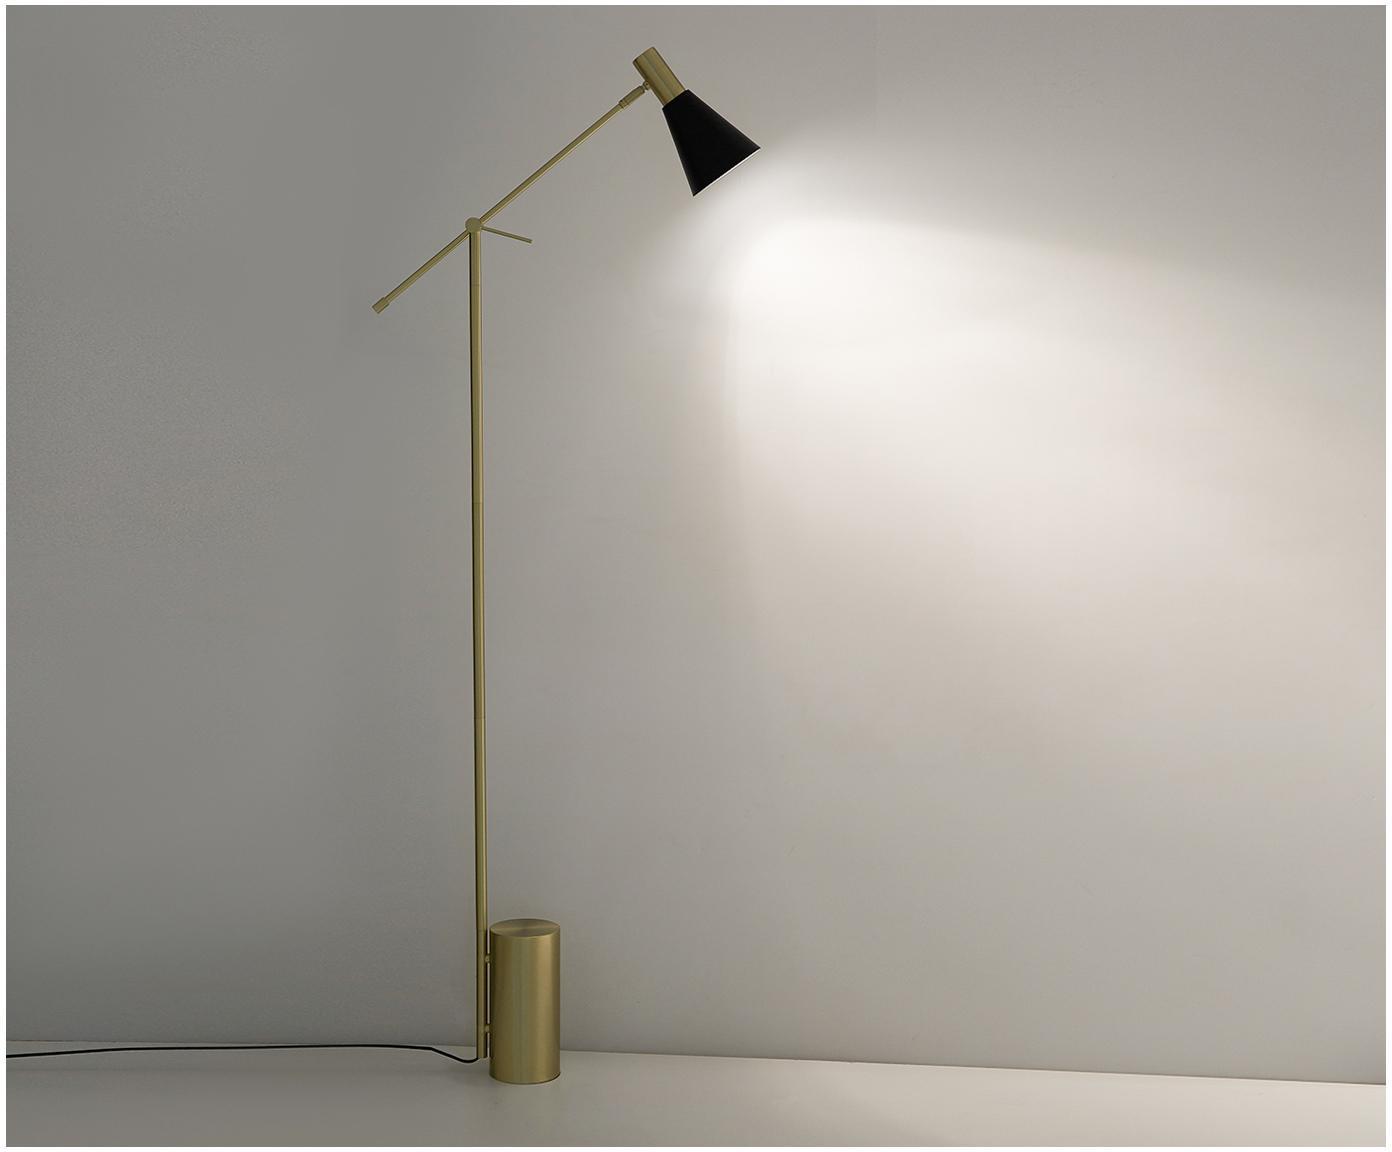 Lampa podłogowa Sia, Czarny, Ø 14 x W 162 cm